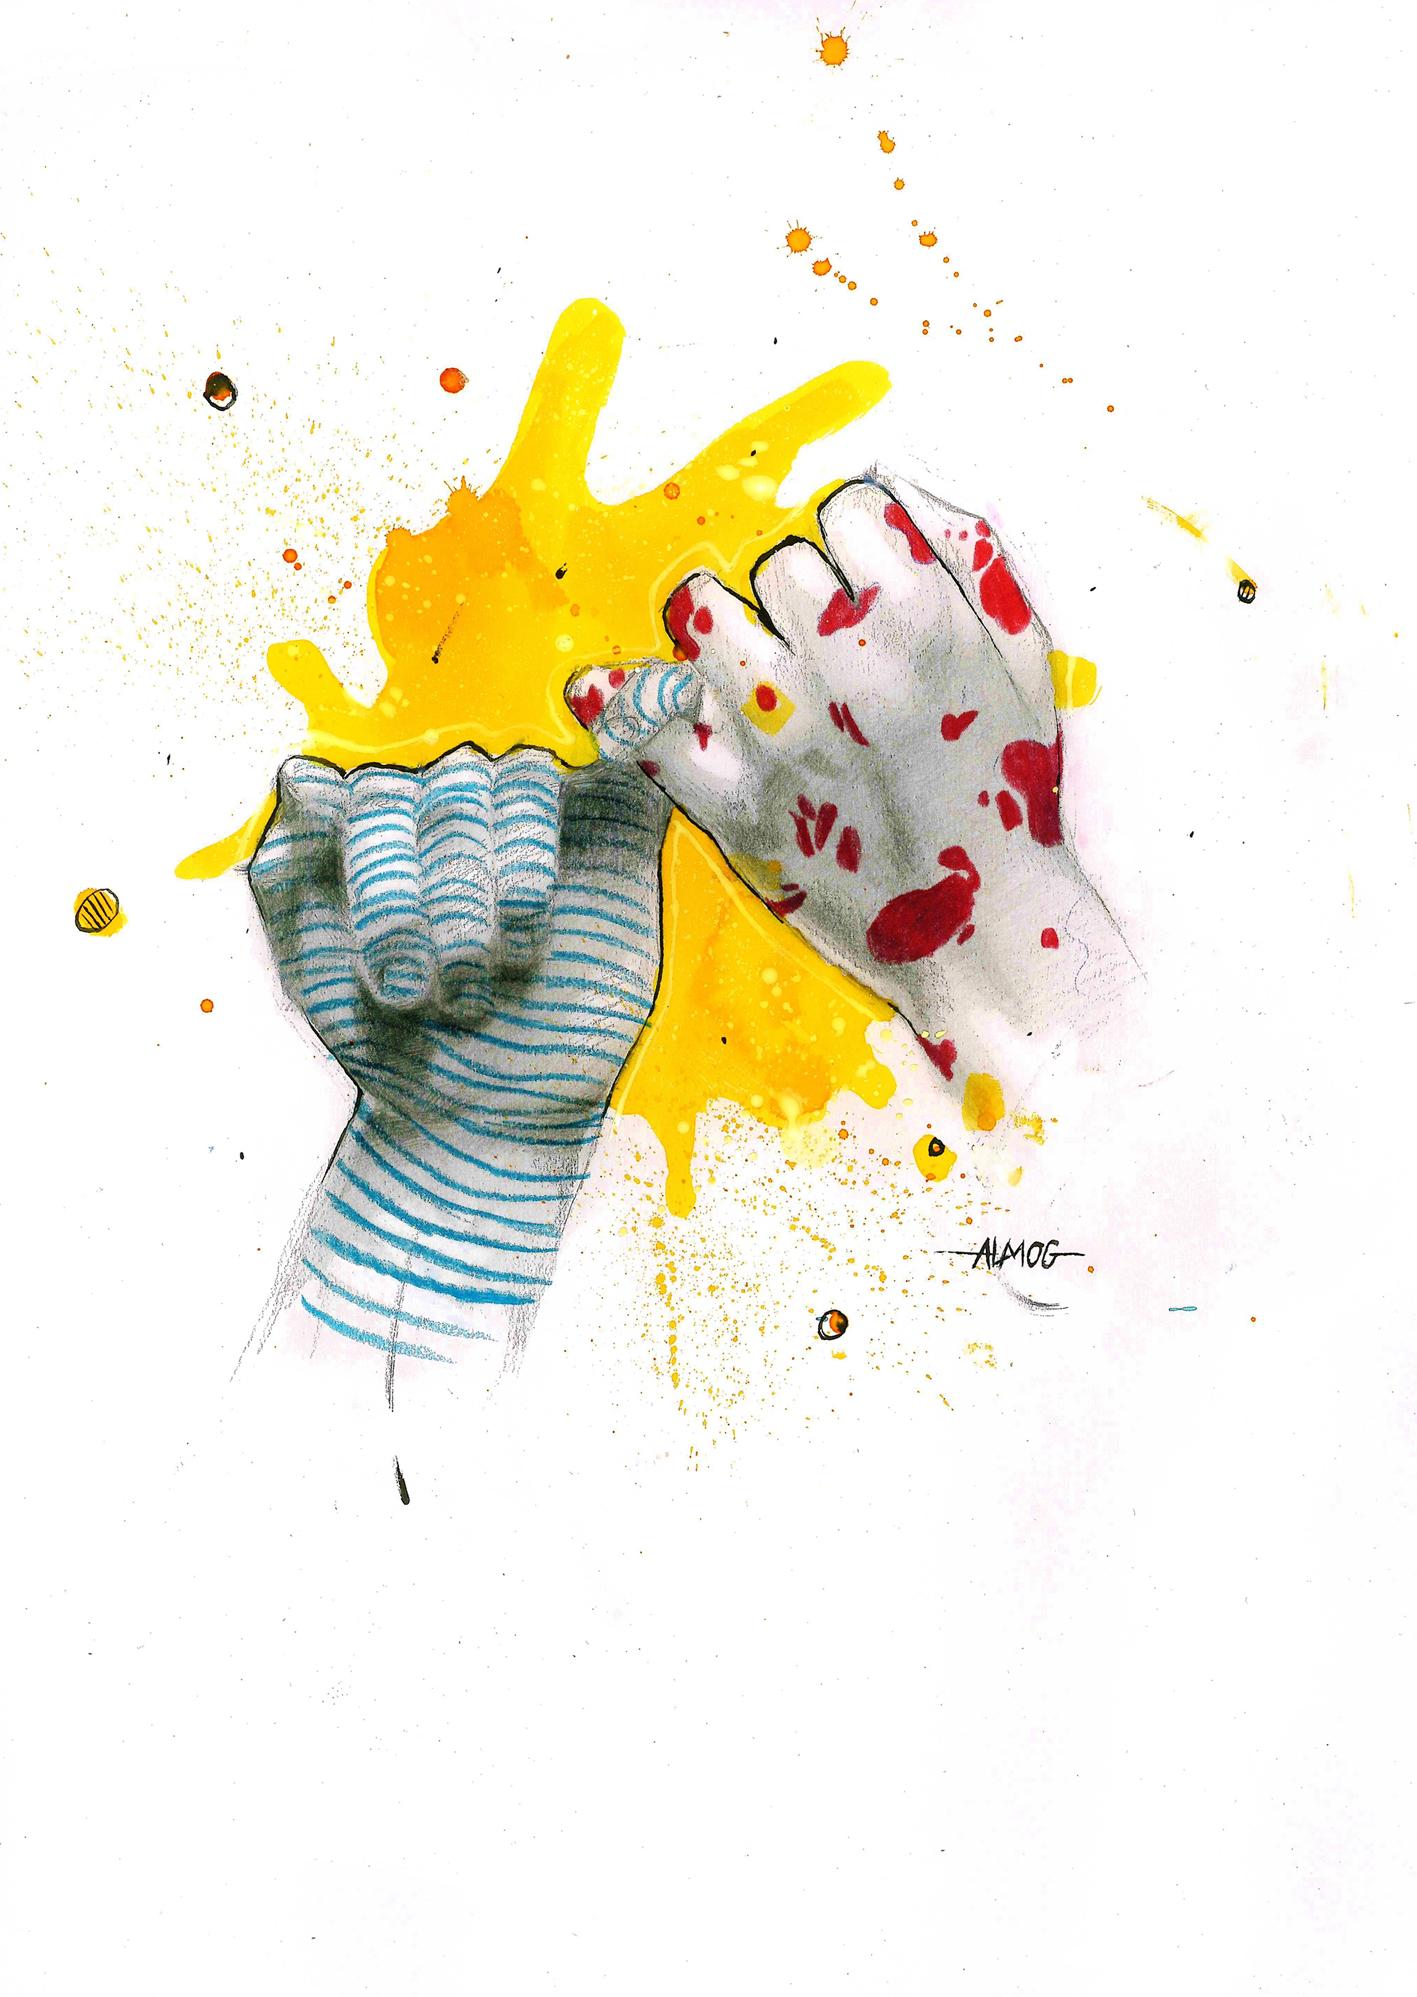 ילדים מציירים סובלנות, שוויון וקיום משותף על הקיר החיצוני של דיזנגוף סנטר